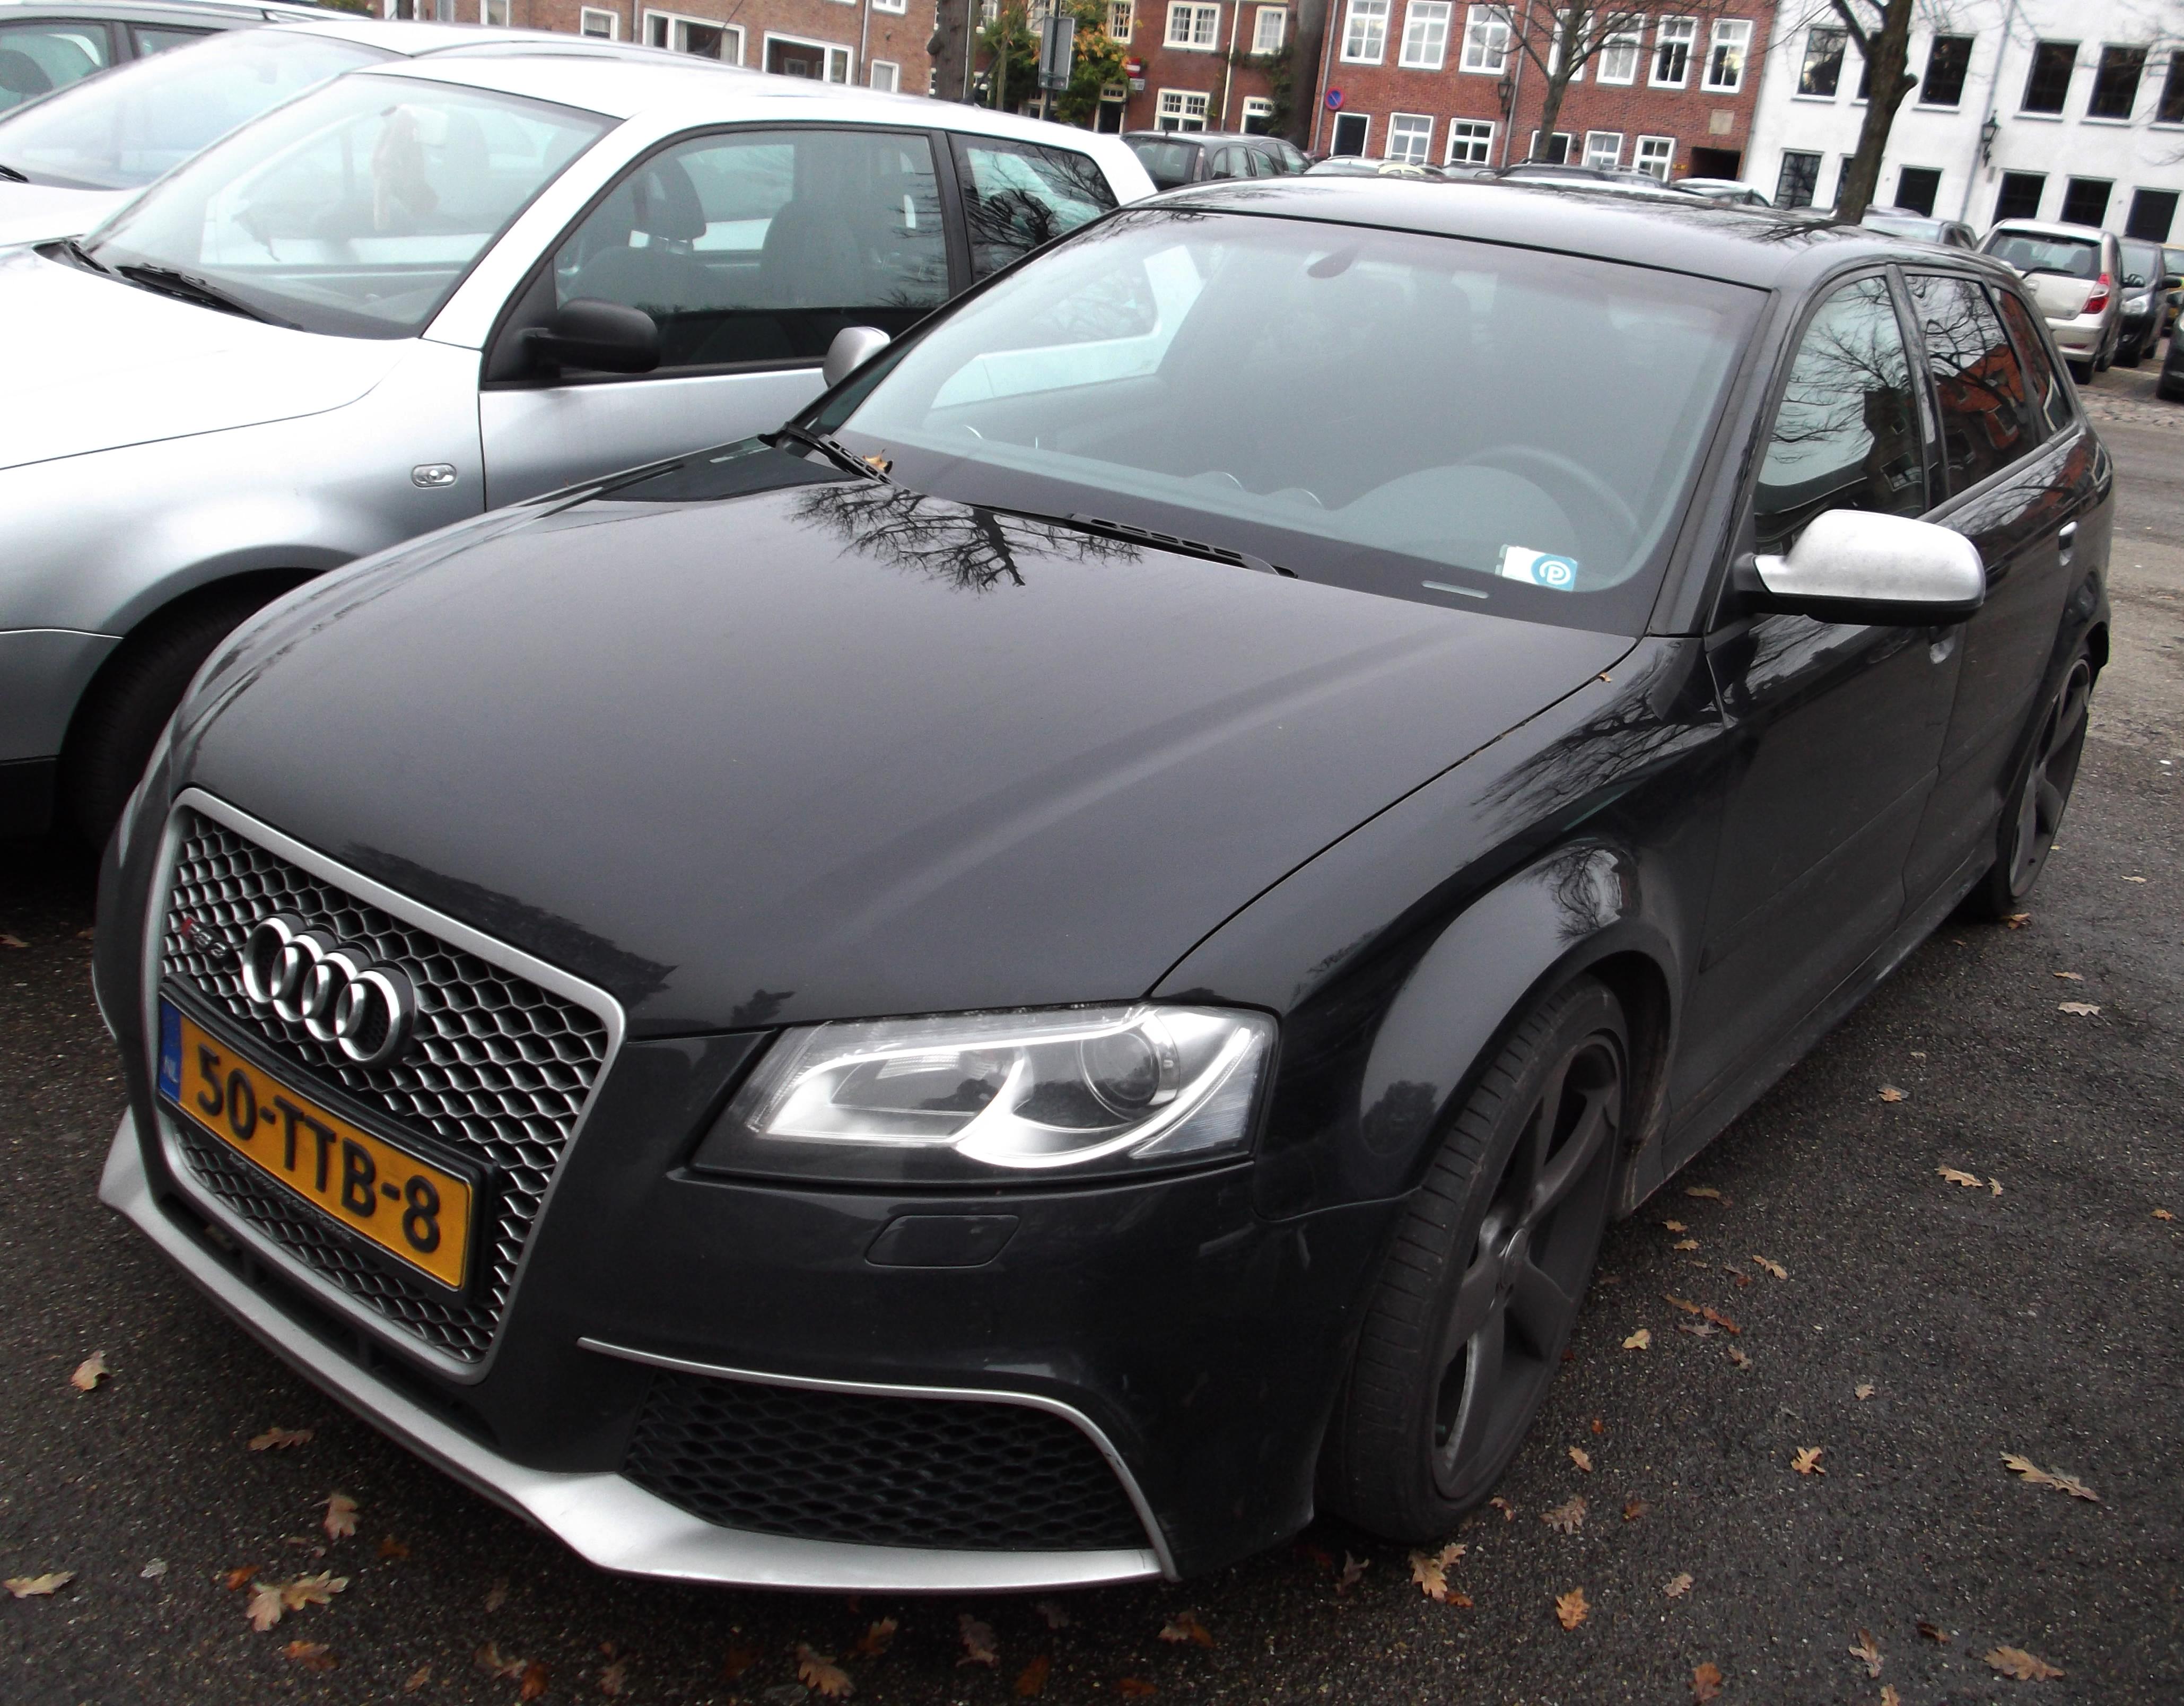 Audi rs3 wiki plugs 15